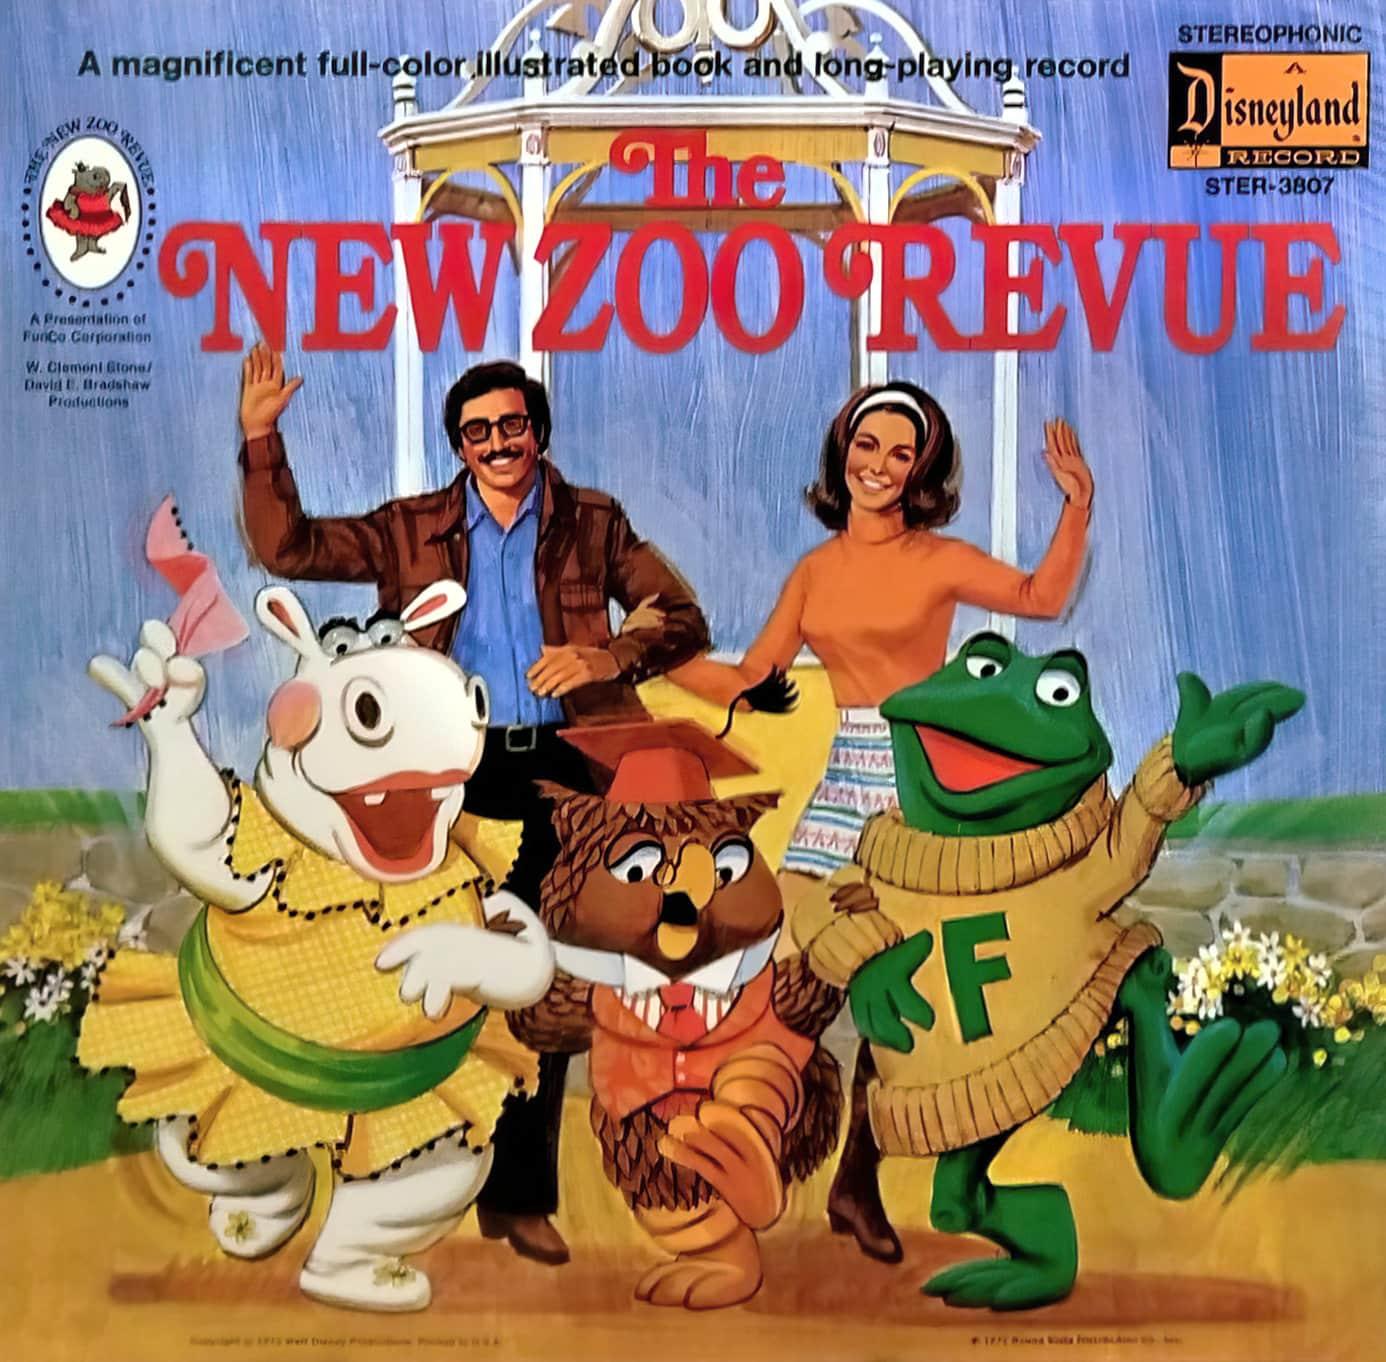 Retro New Zoo Revue book and record (1970s)